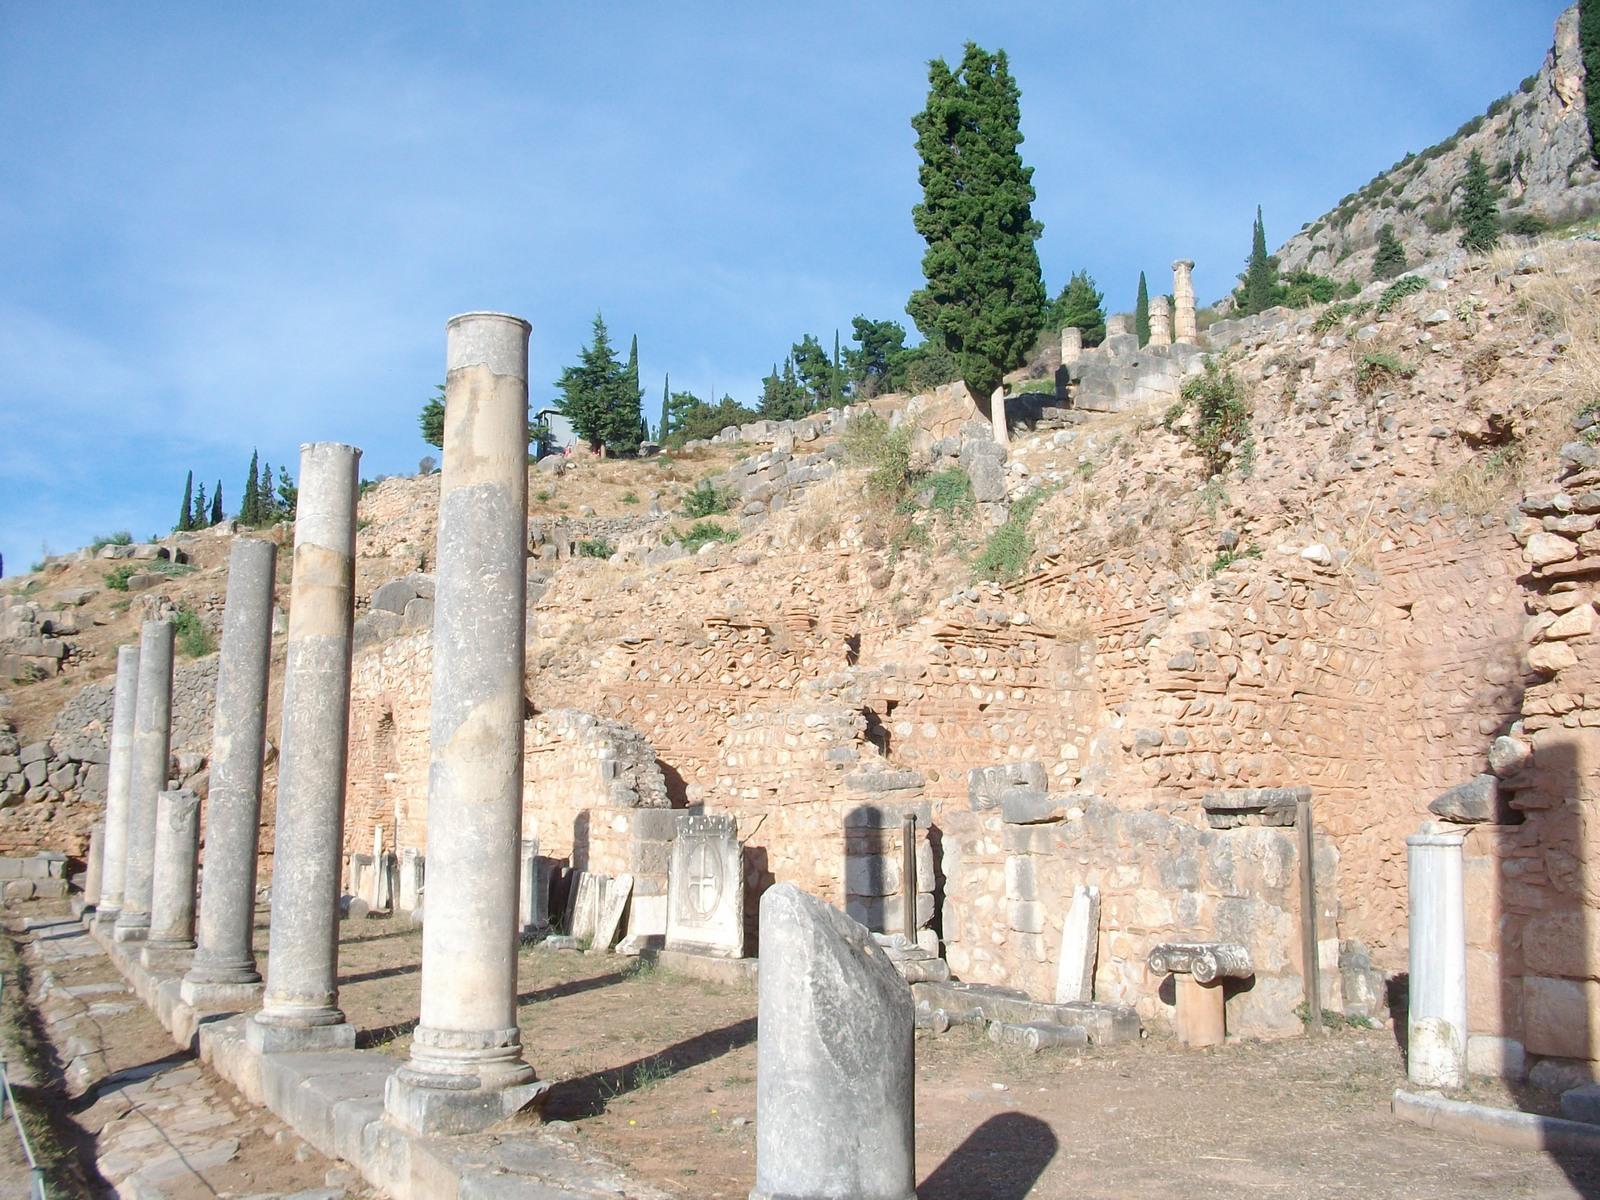 Delphi Ruins Pillars - Grounded Traveler